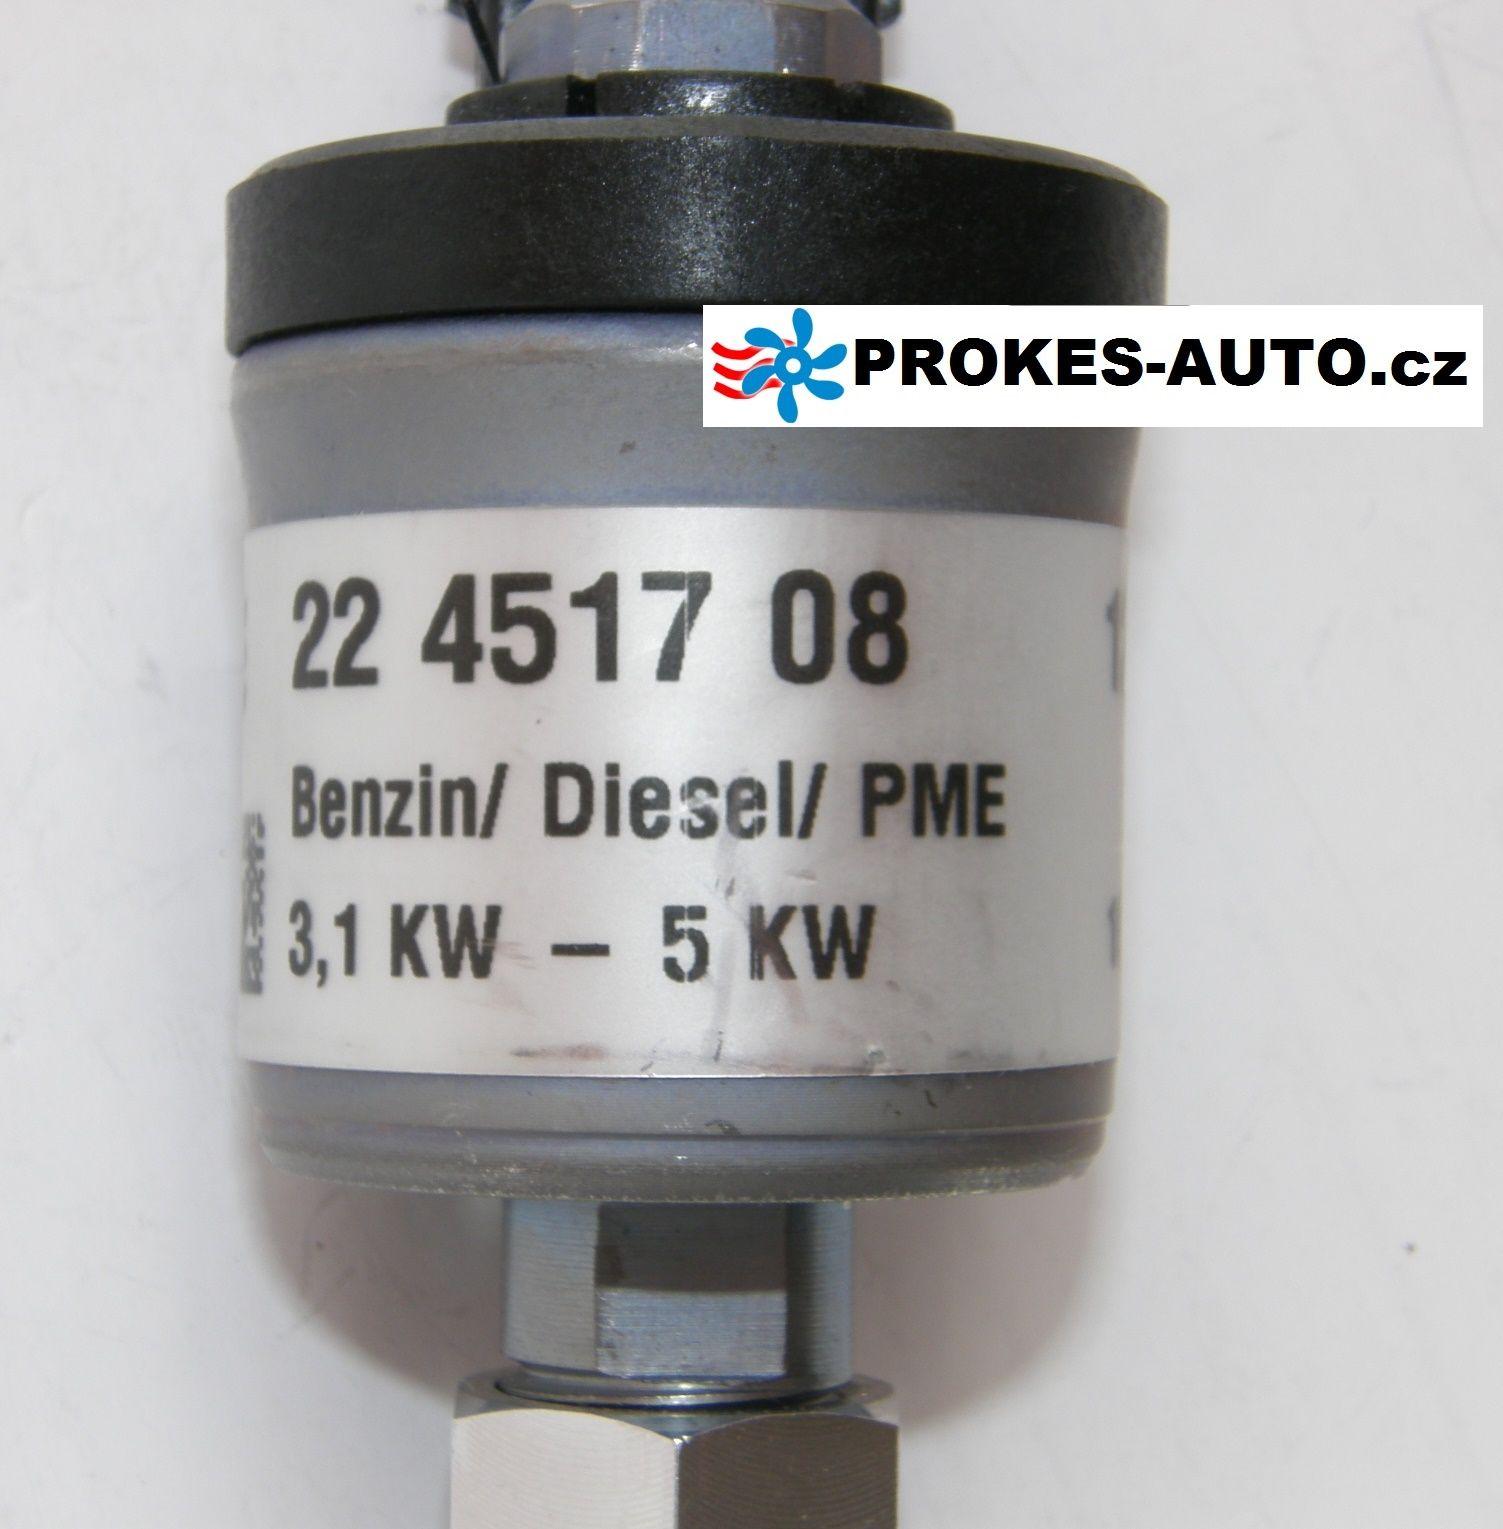 Palivové čerpadlo 12V 3,1-5kW 224517080000 Eberspächer